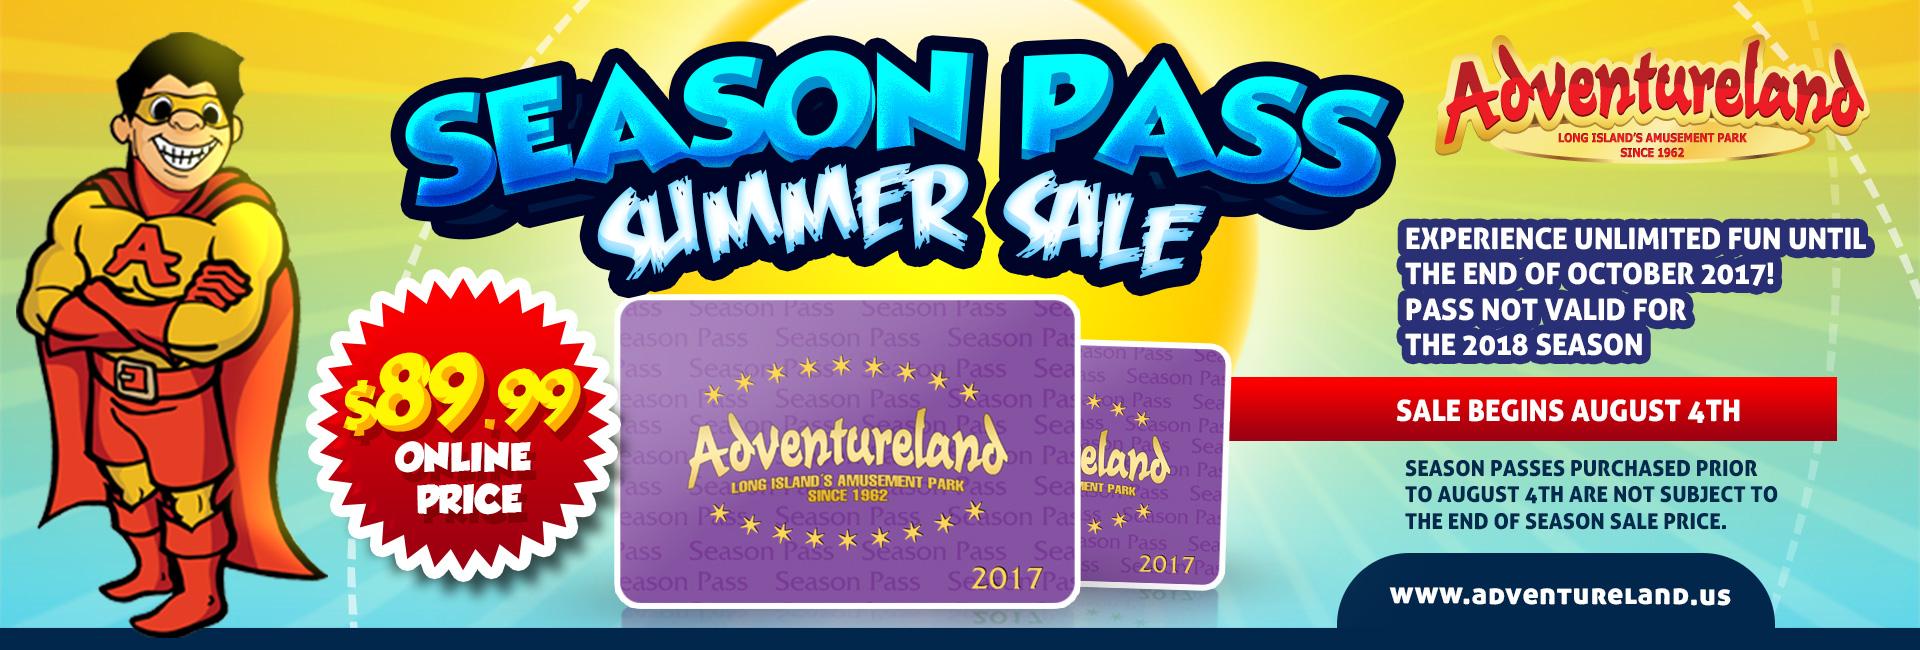 season-pass-summer-sale